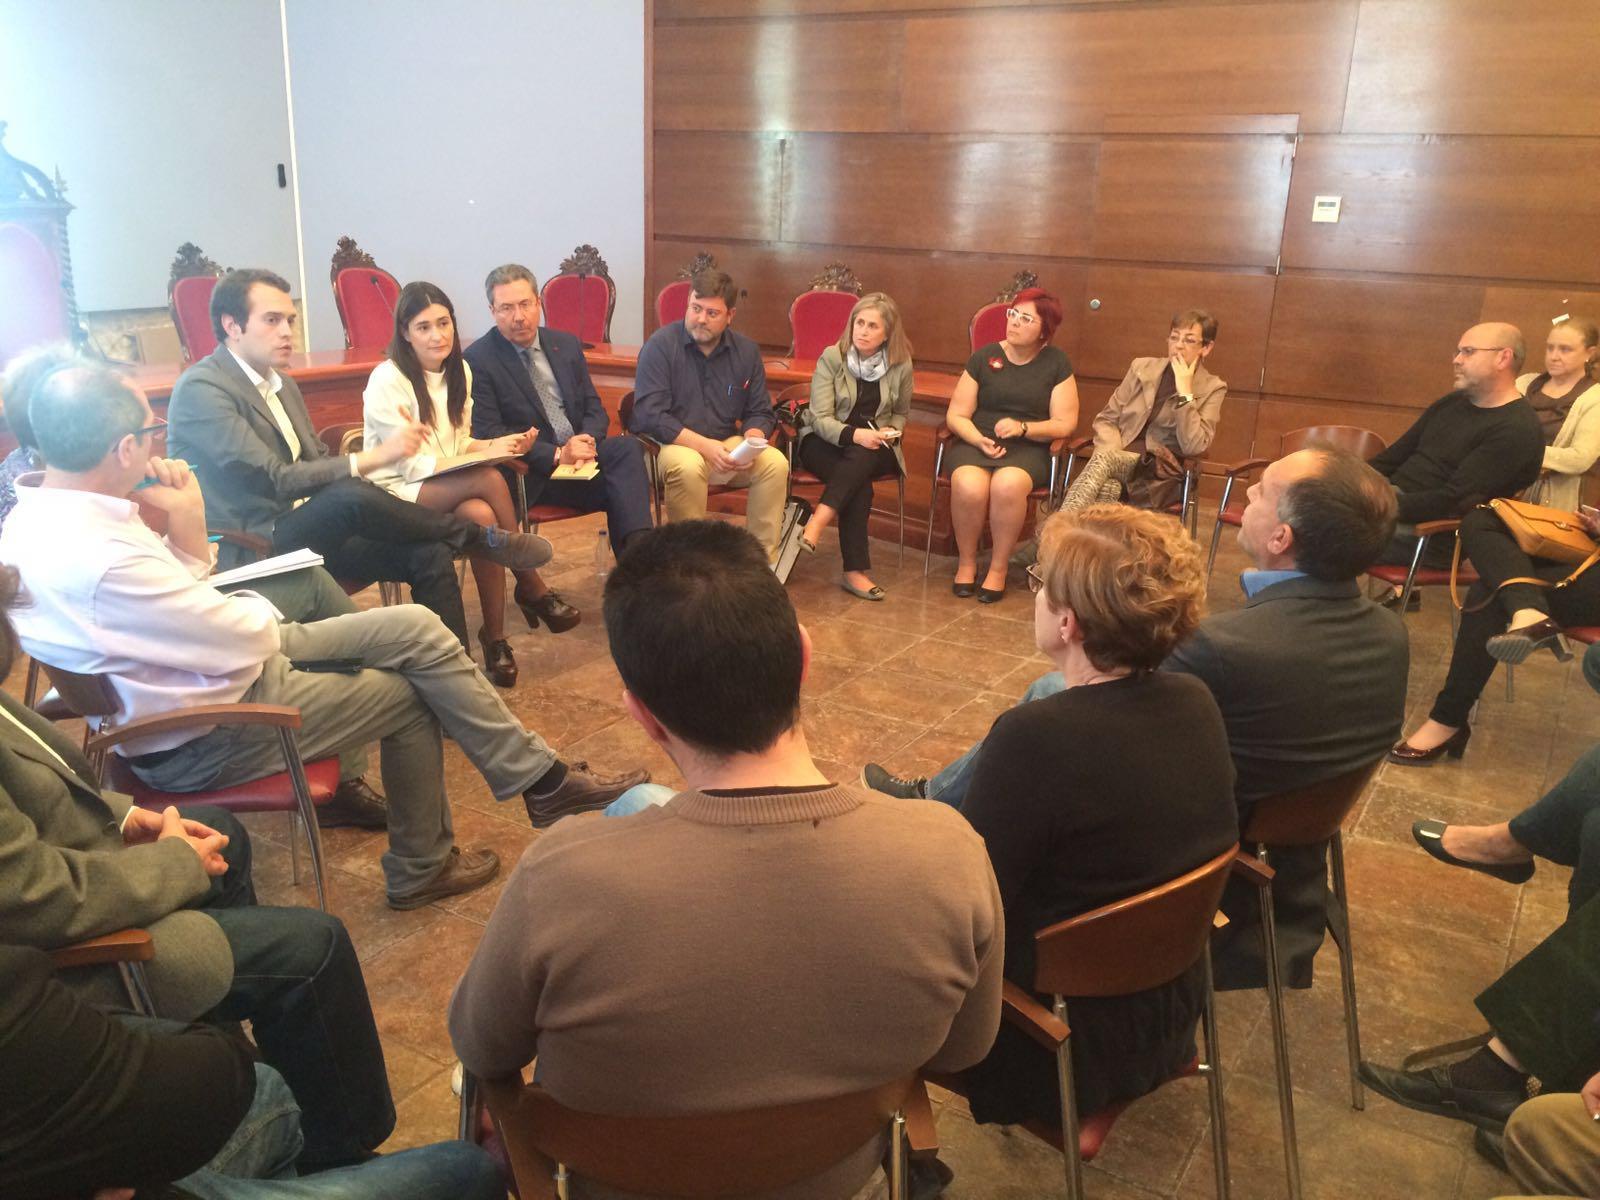 La Consellera Carmen Montón durante la reunión de trabajo con los alcaldes y ediles de la comarca de La Hoya de Buñol-Chiva en Cheste.